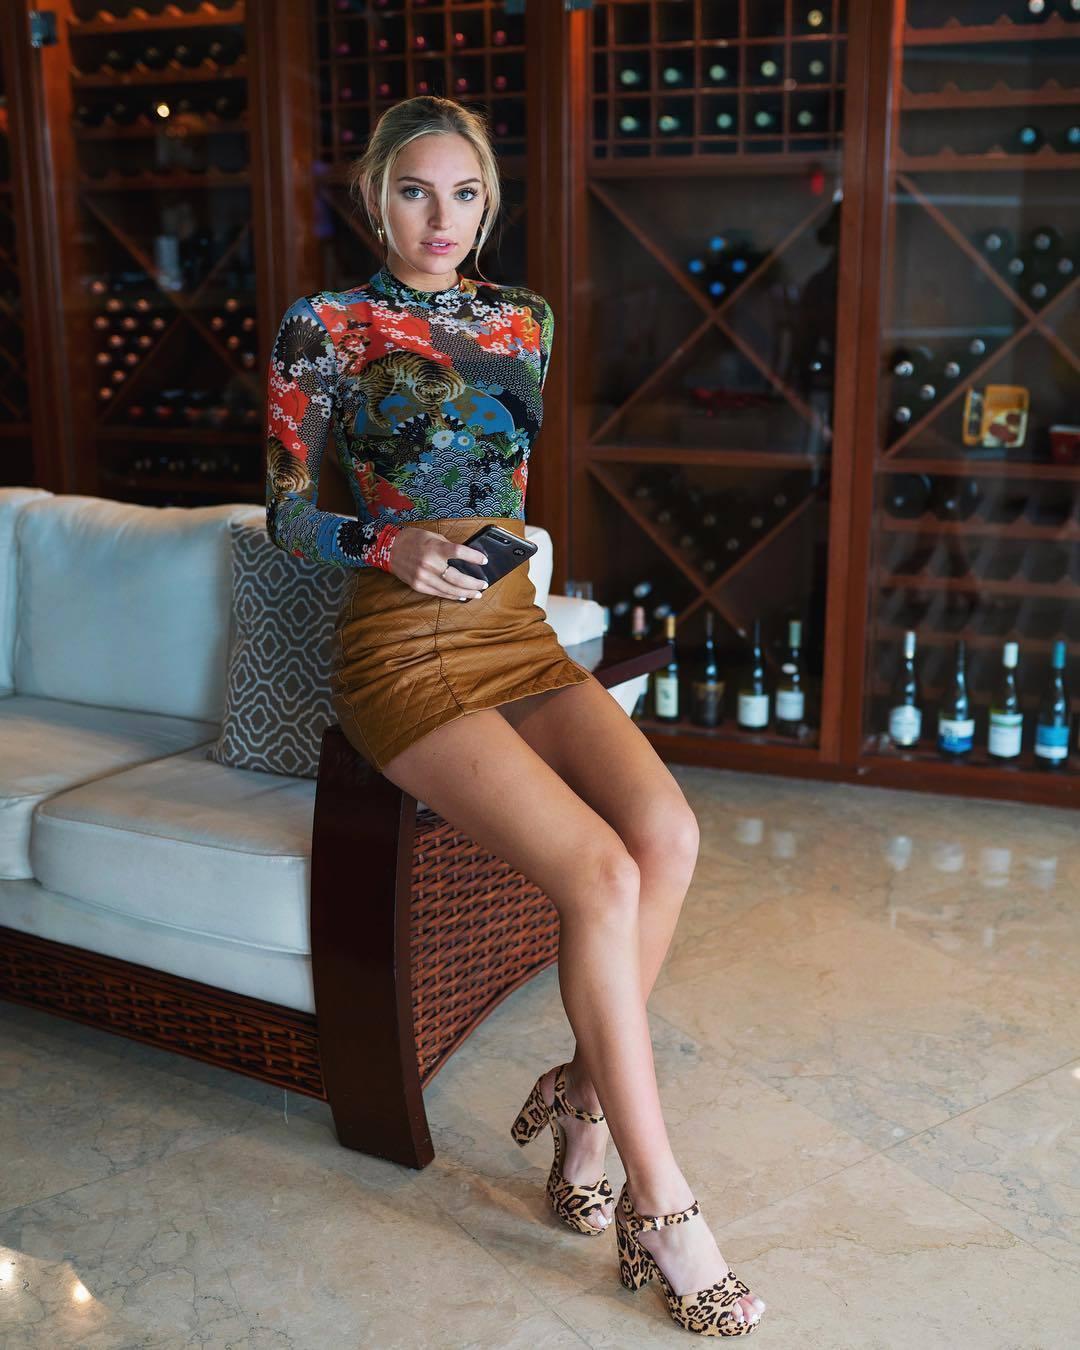 Feet Nicole Spiller nude photos 2019